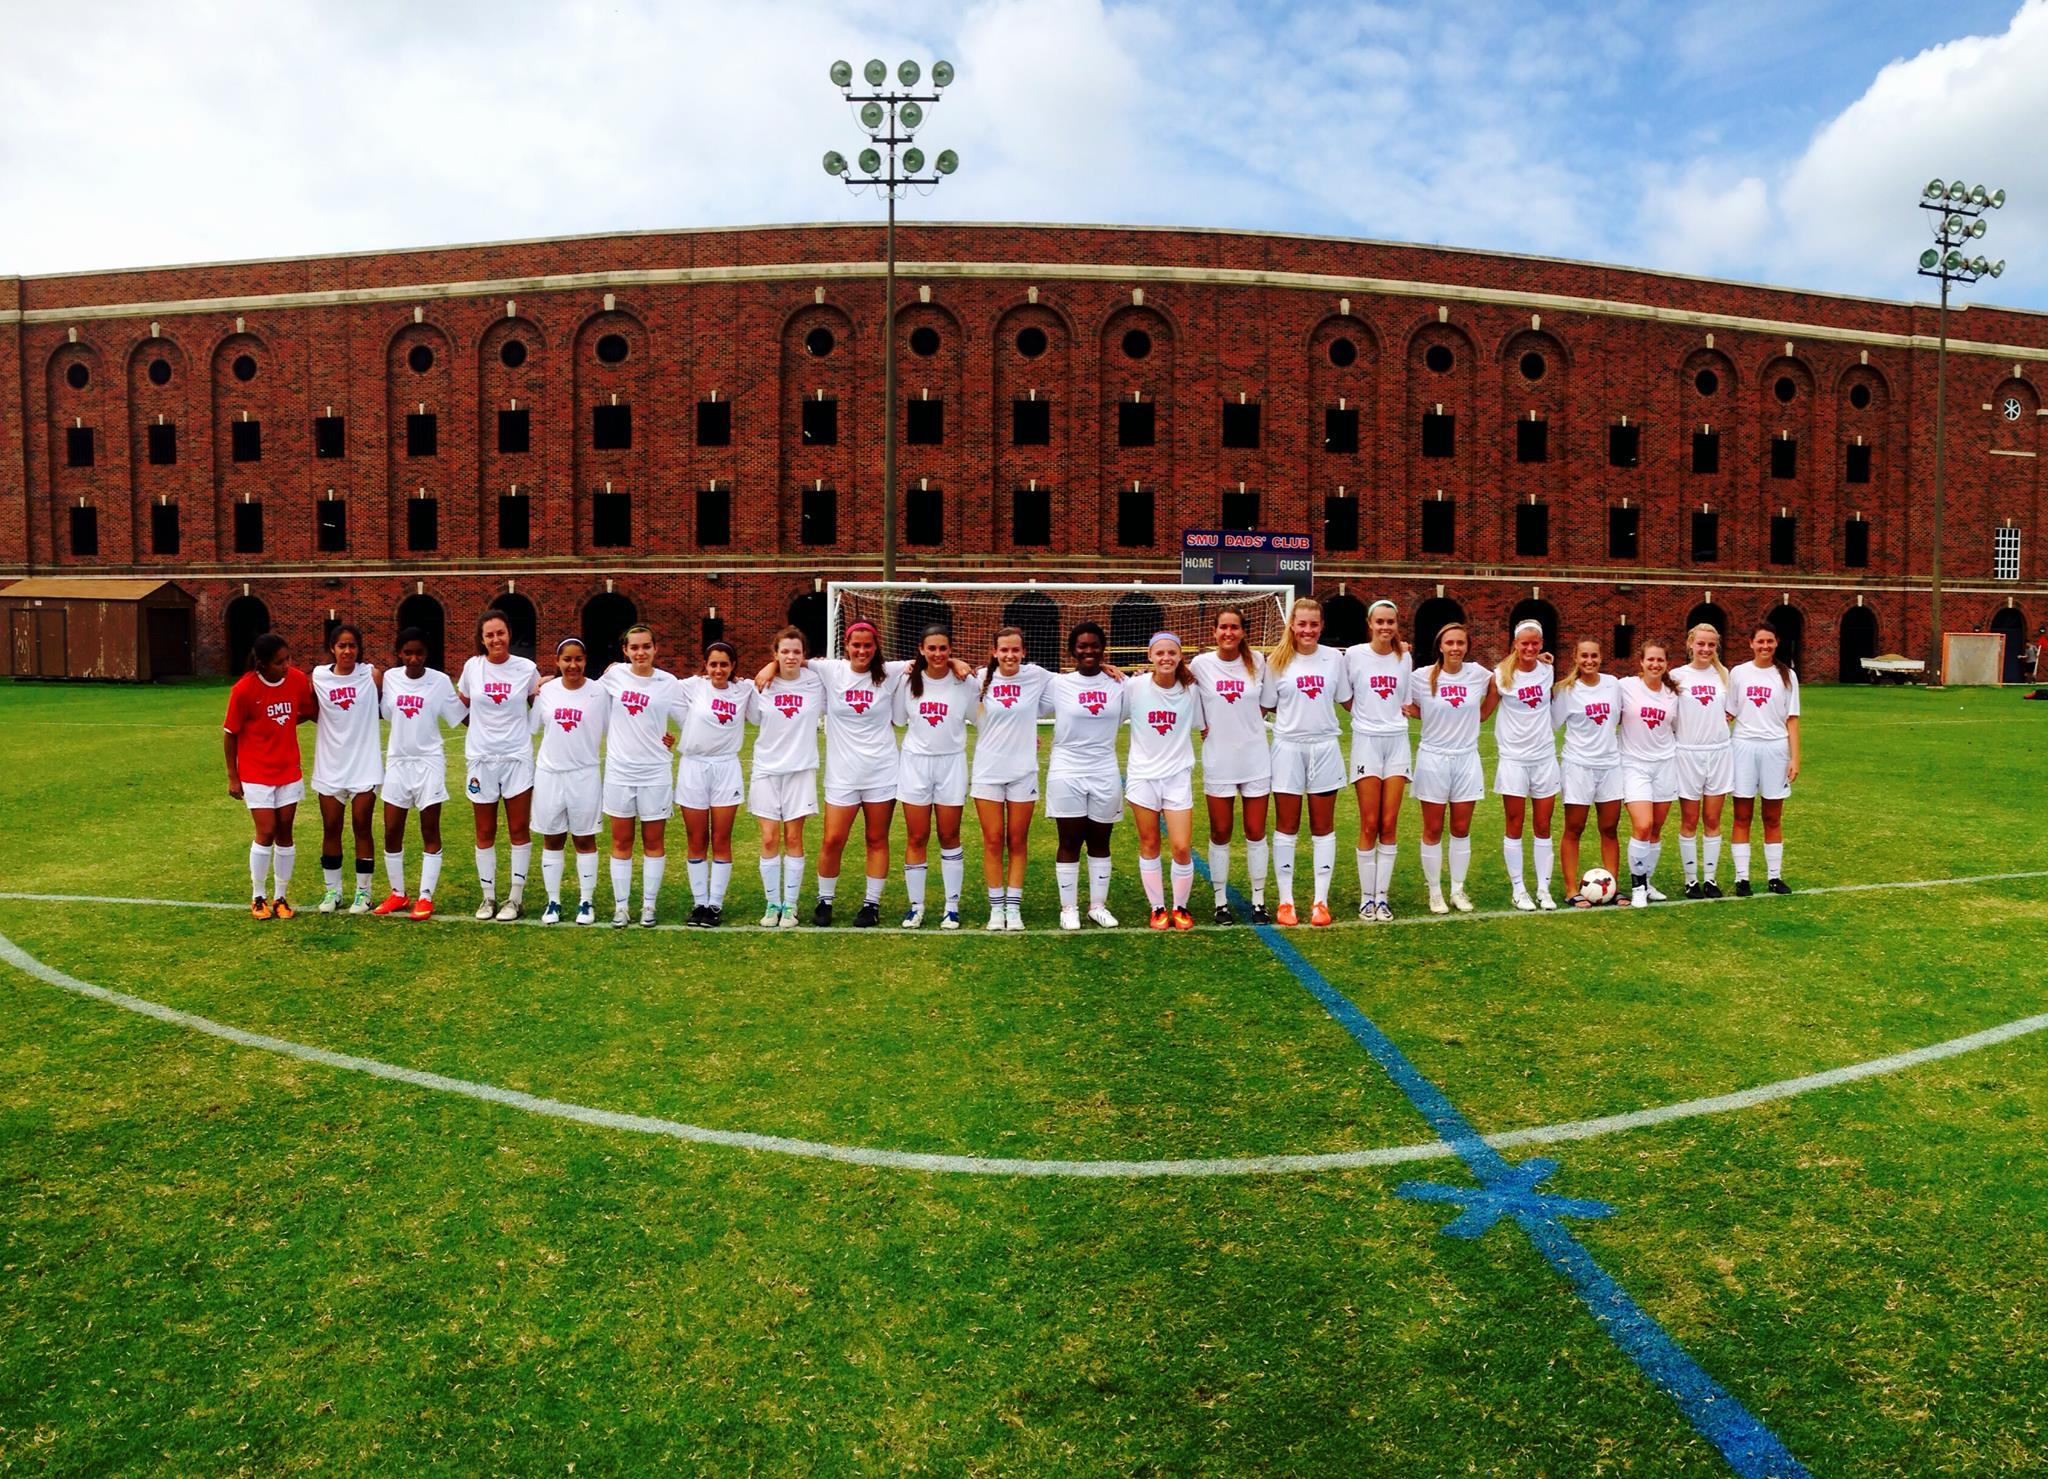 Women's Soccer | SMU vs. Texas Southern — Amy Lane Photo